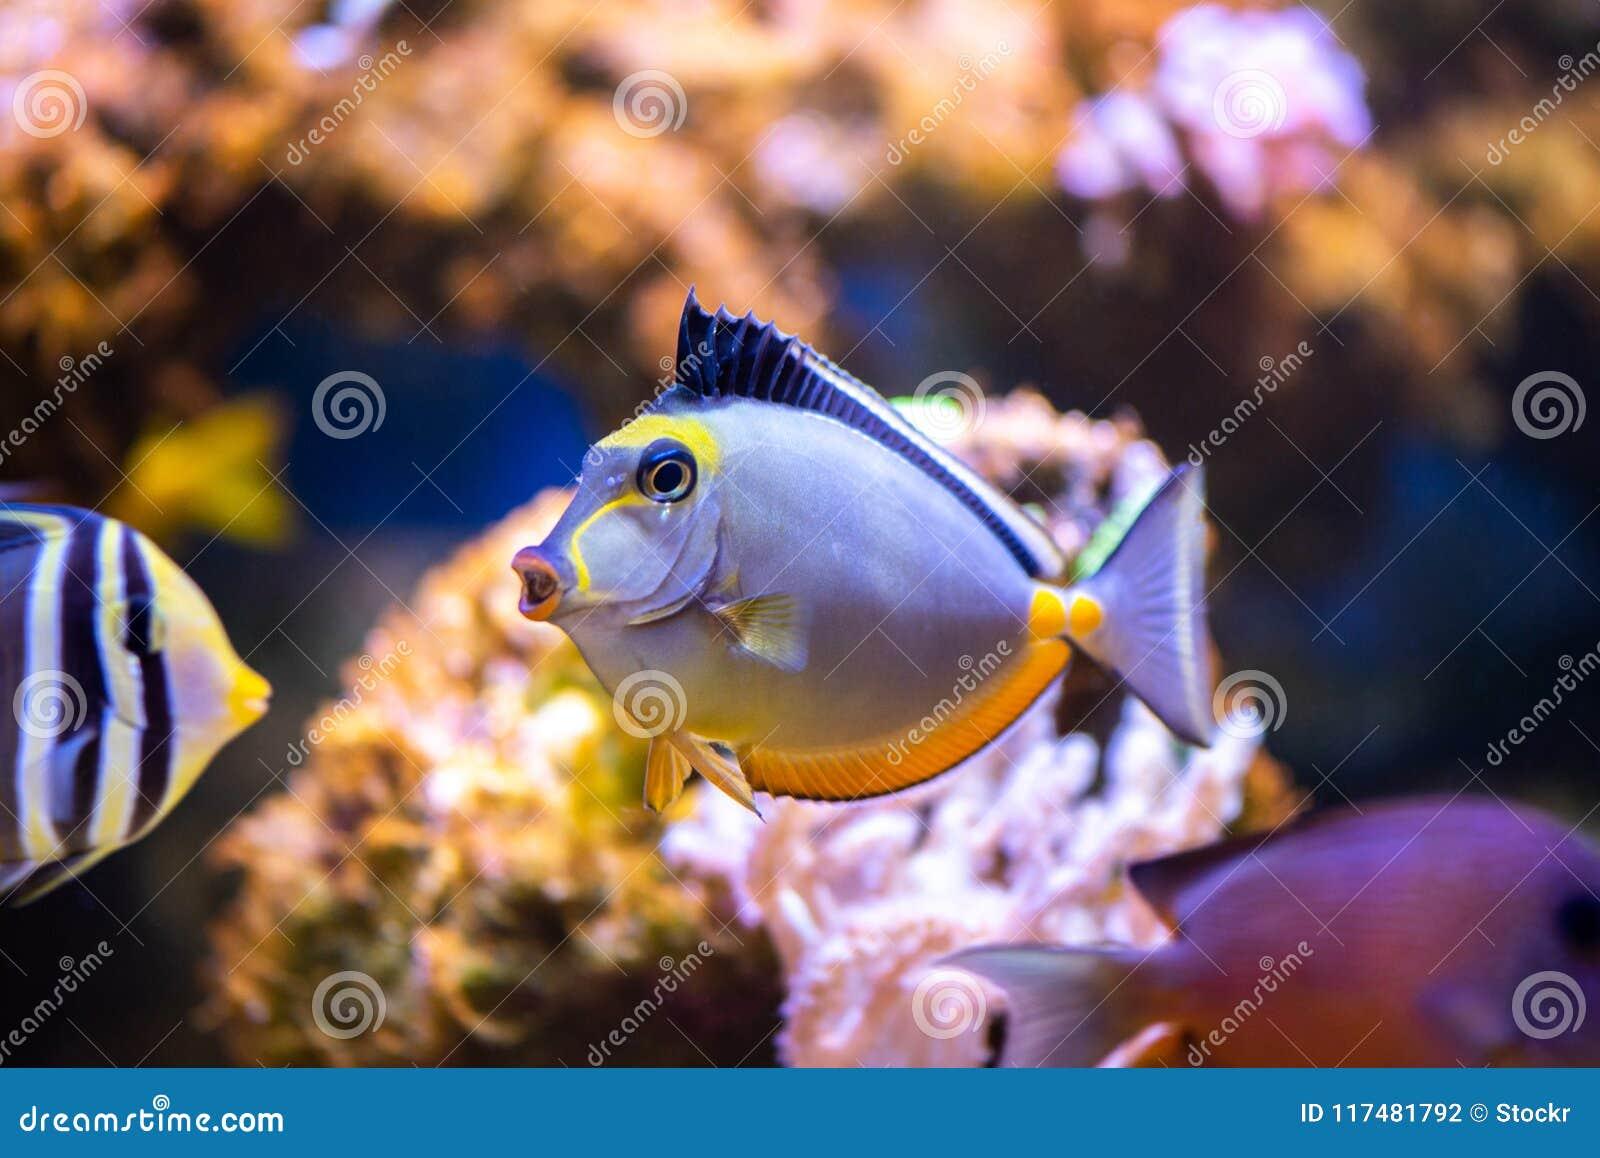 Ζωηρόχρωμα τροπικά ψάρια